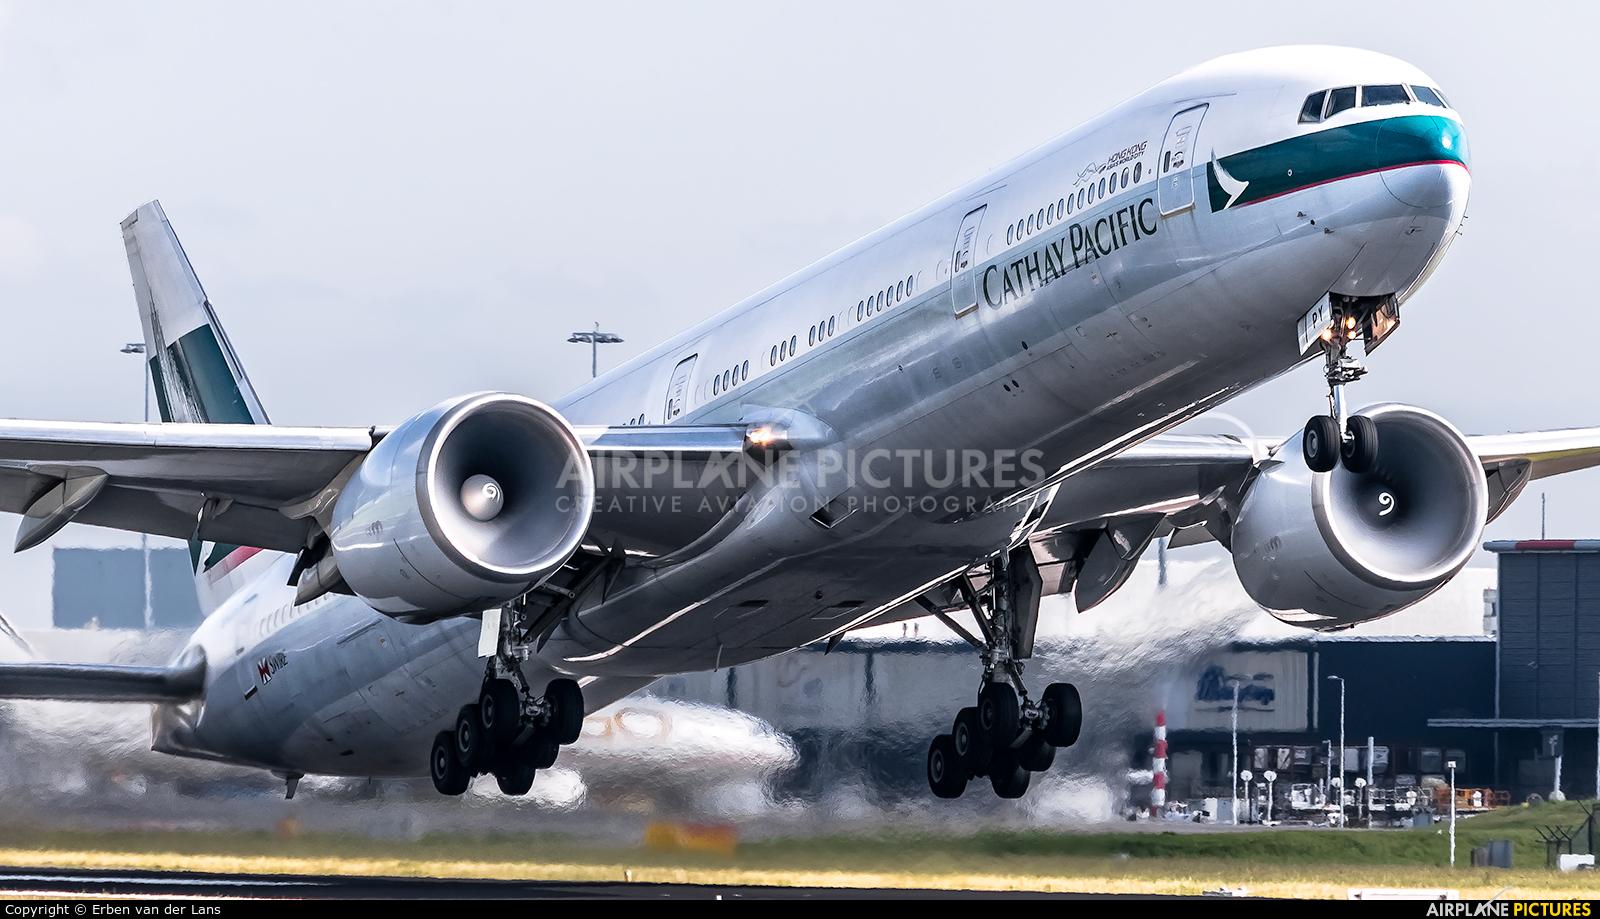 Cathay Pacific B-KPY aircraft at Amsterdam - Schiphol